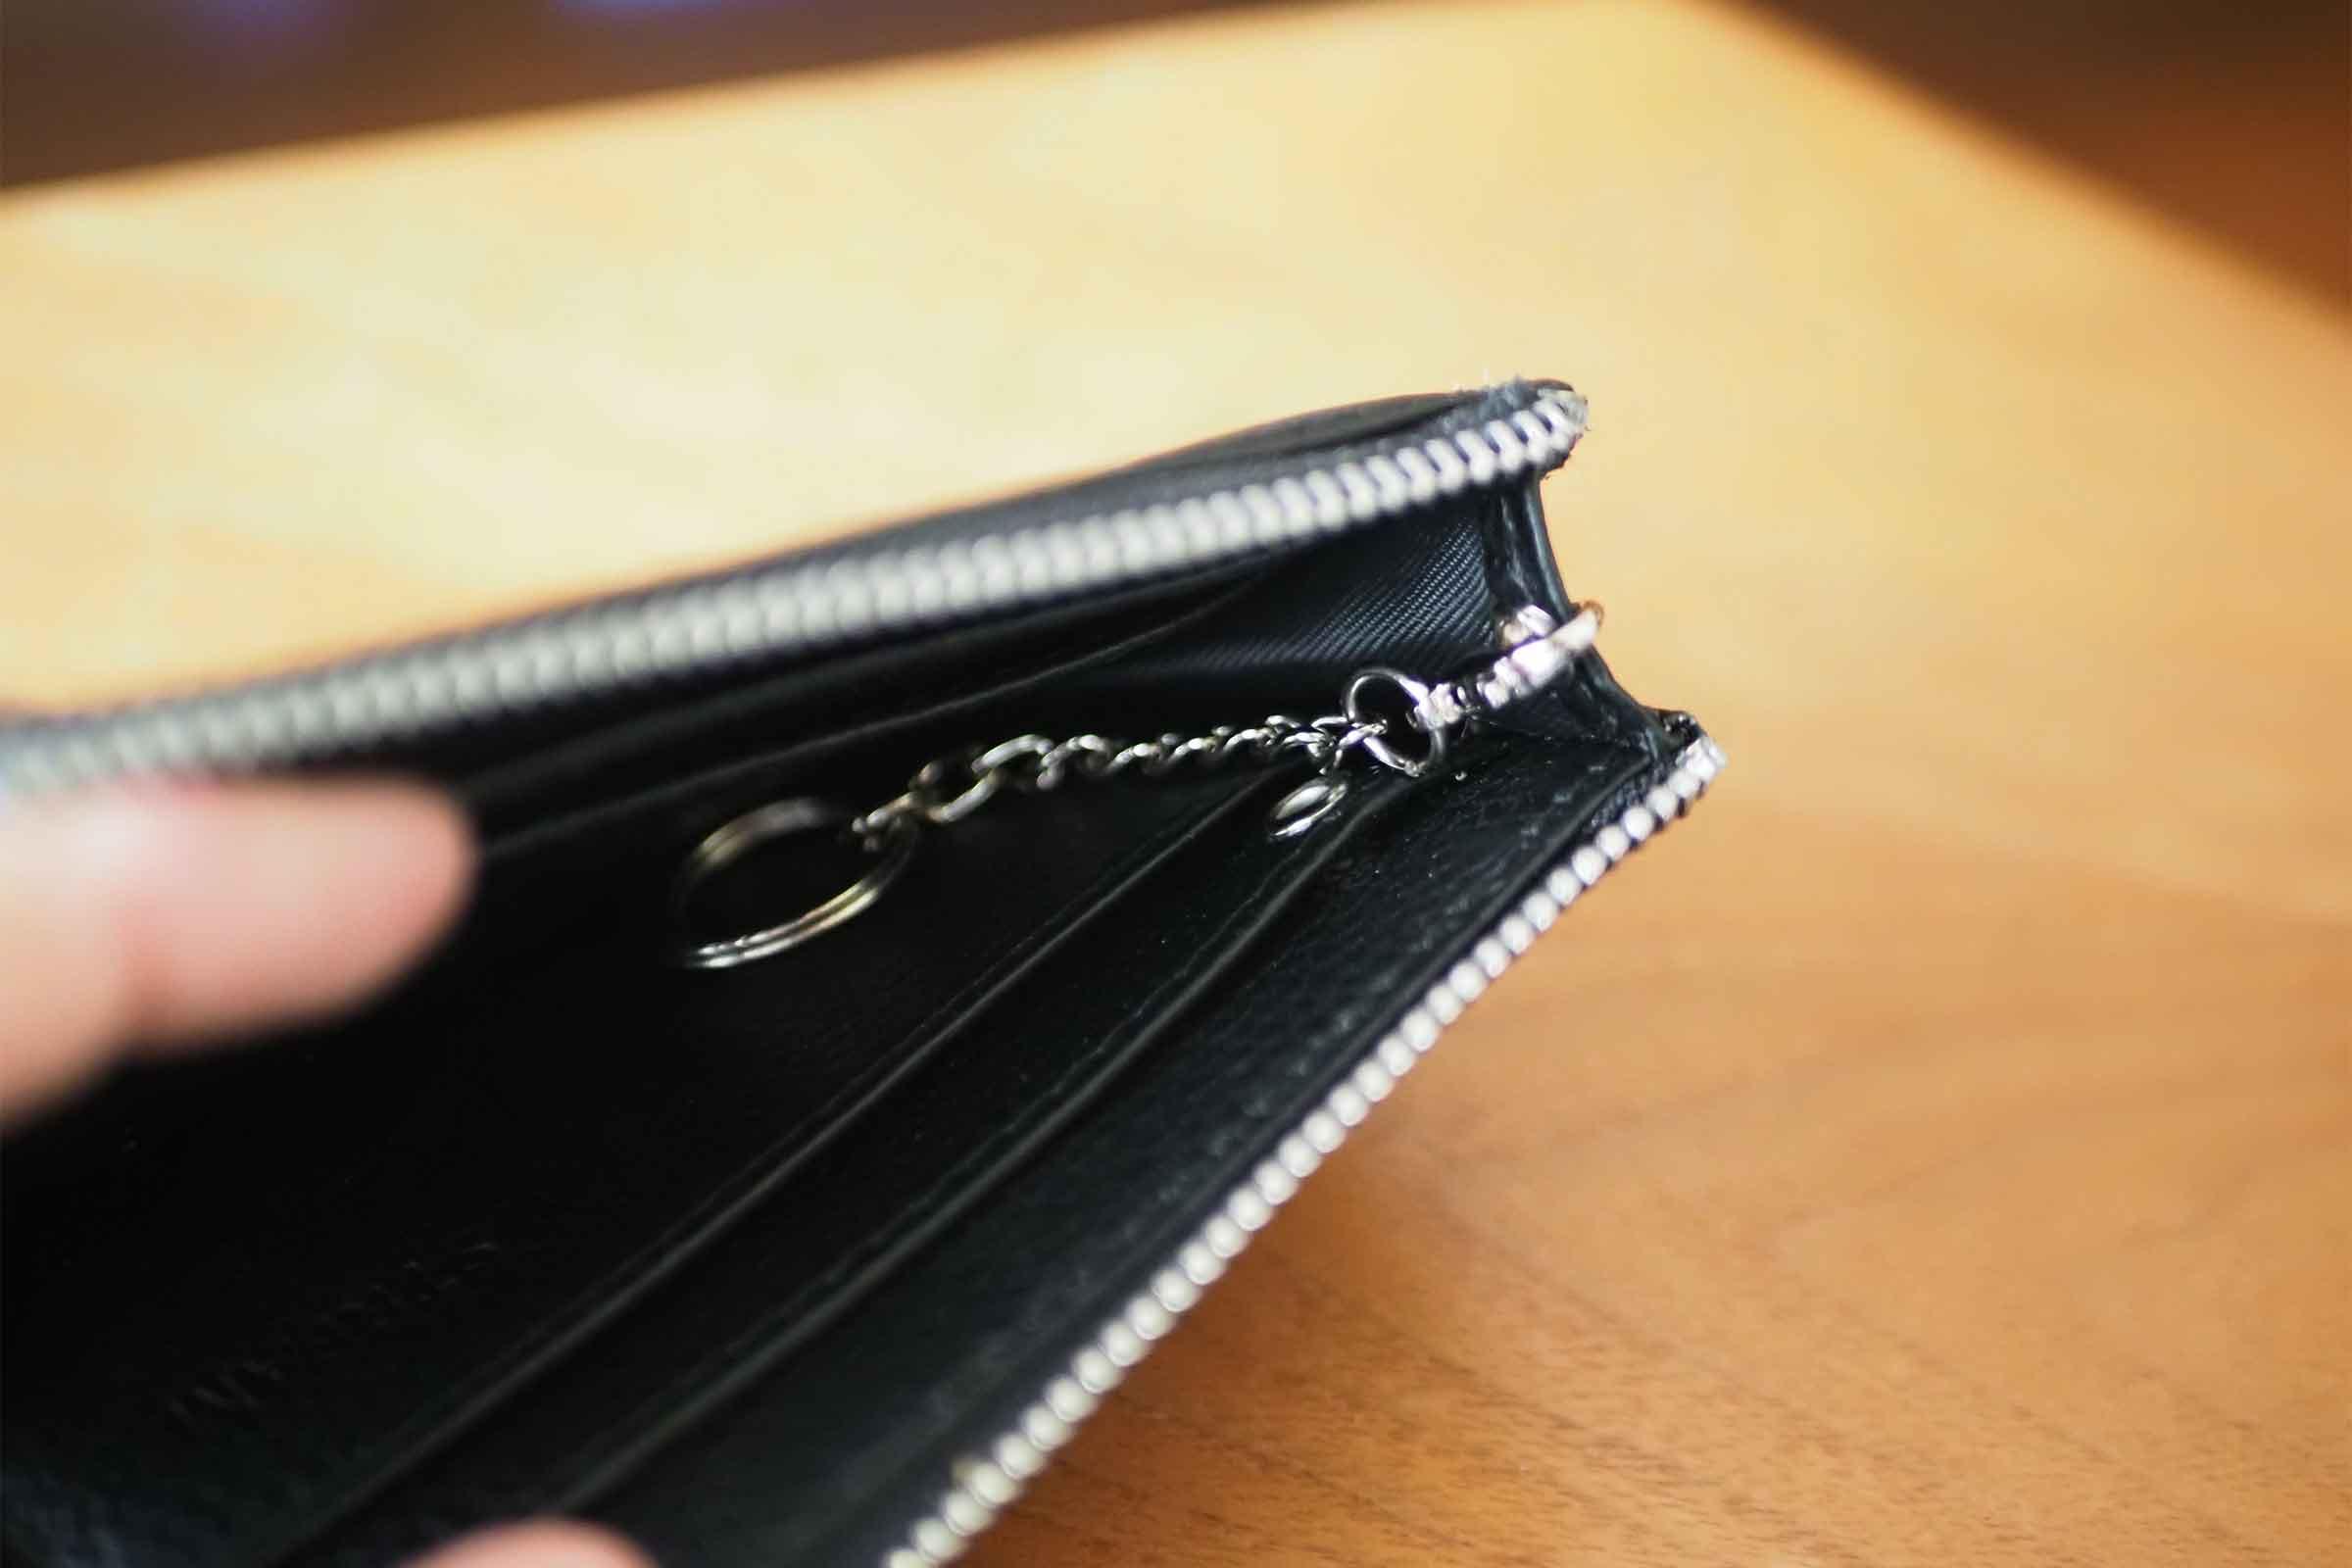 ミニ財布,リスキーモデル,risky,コンパクト,小さい,安い,コスパ,キー